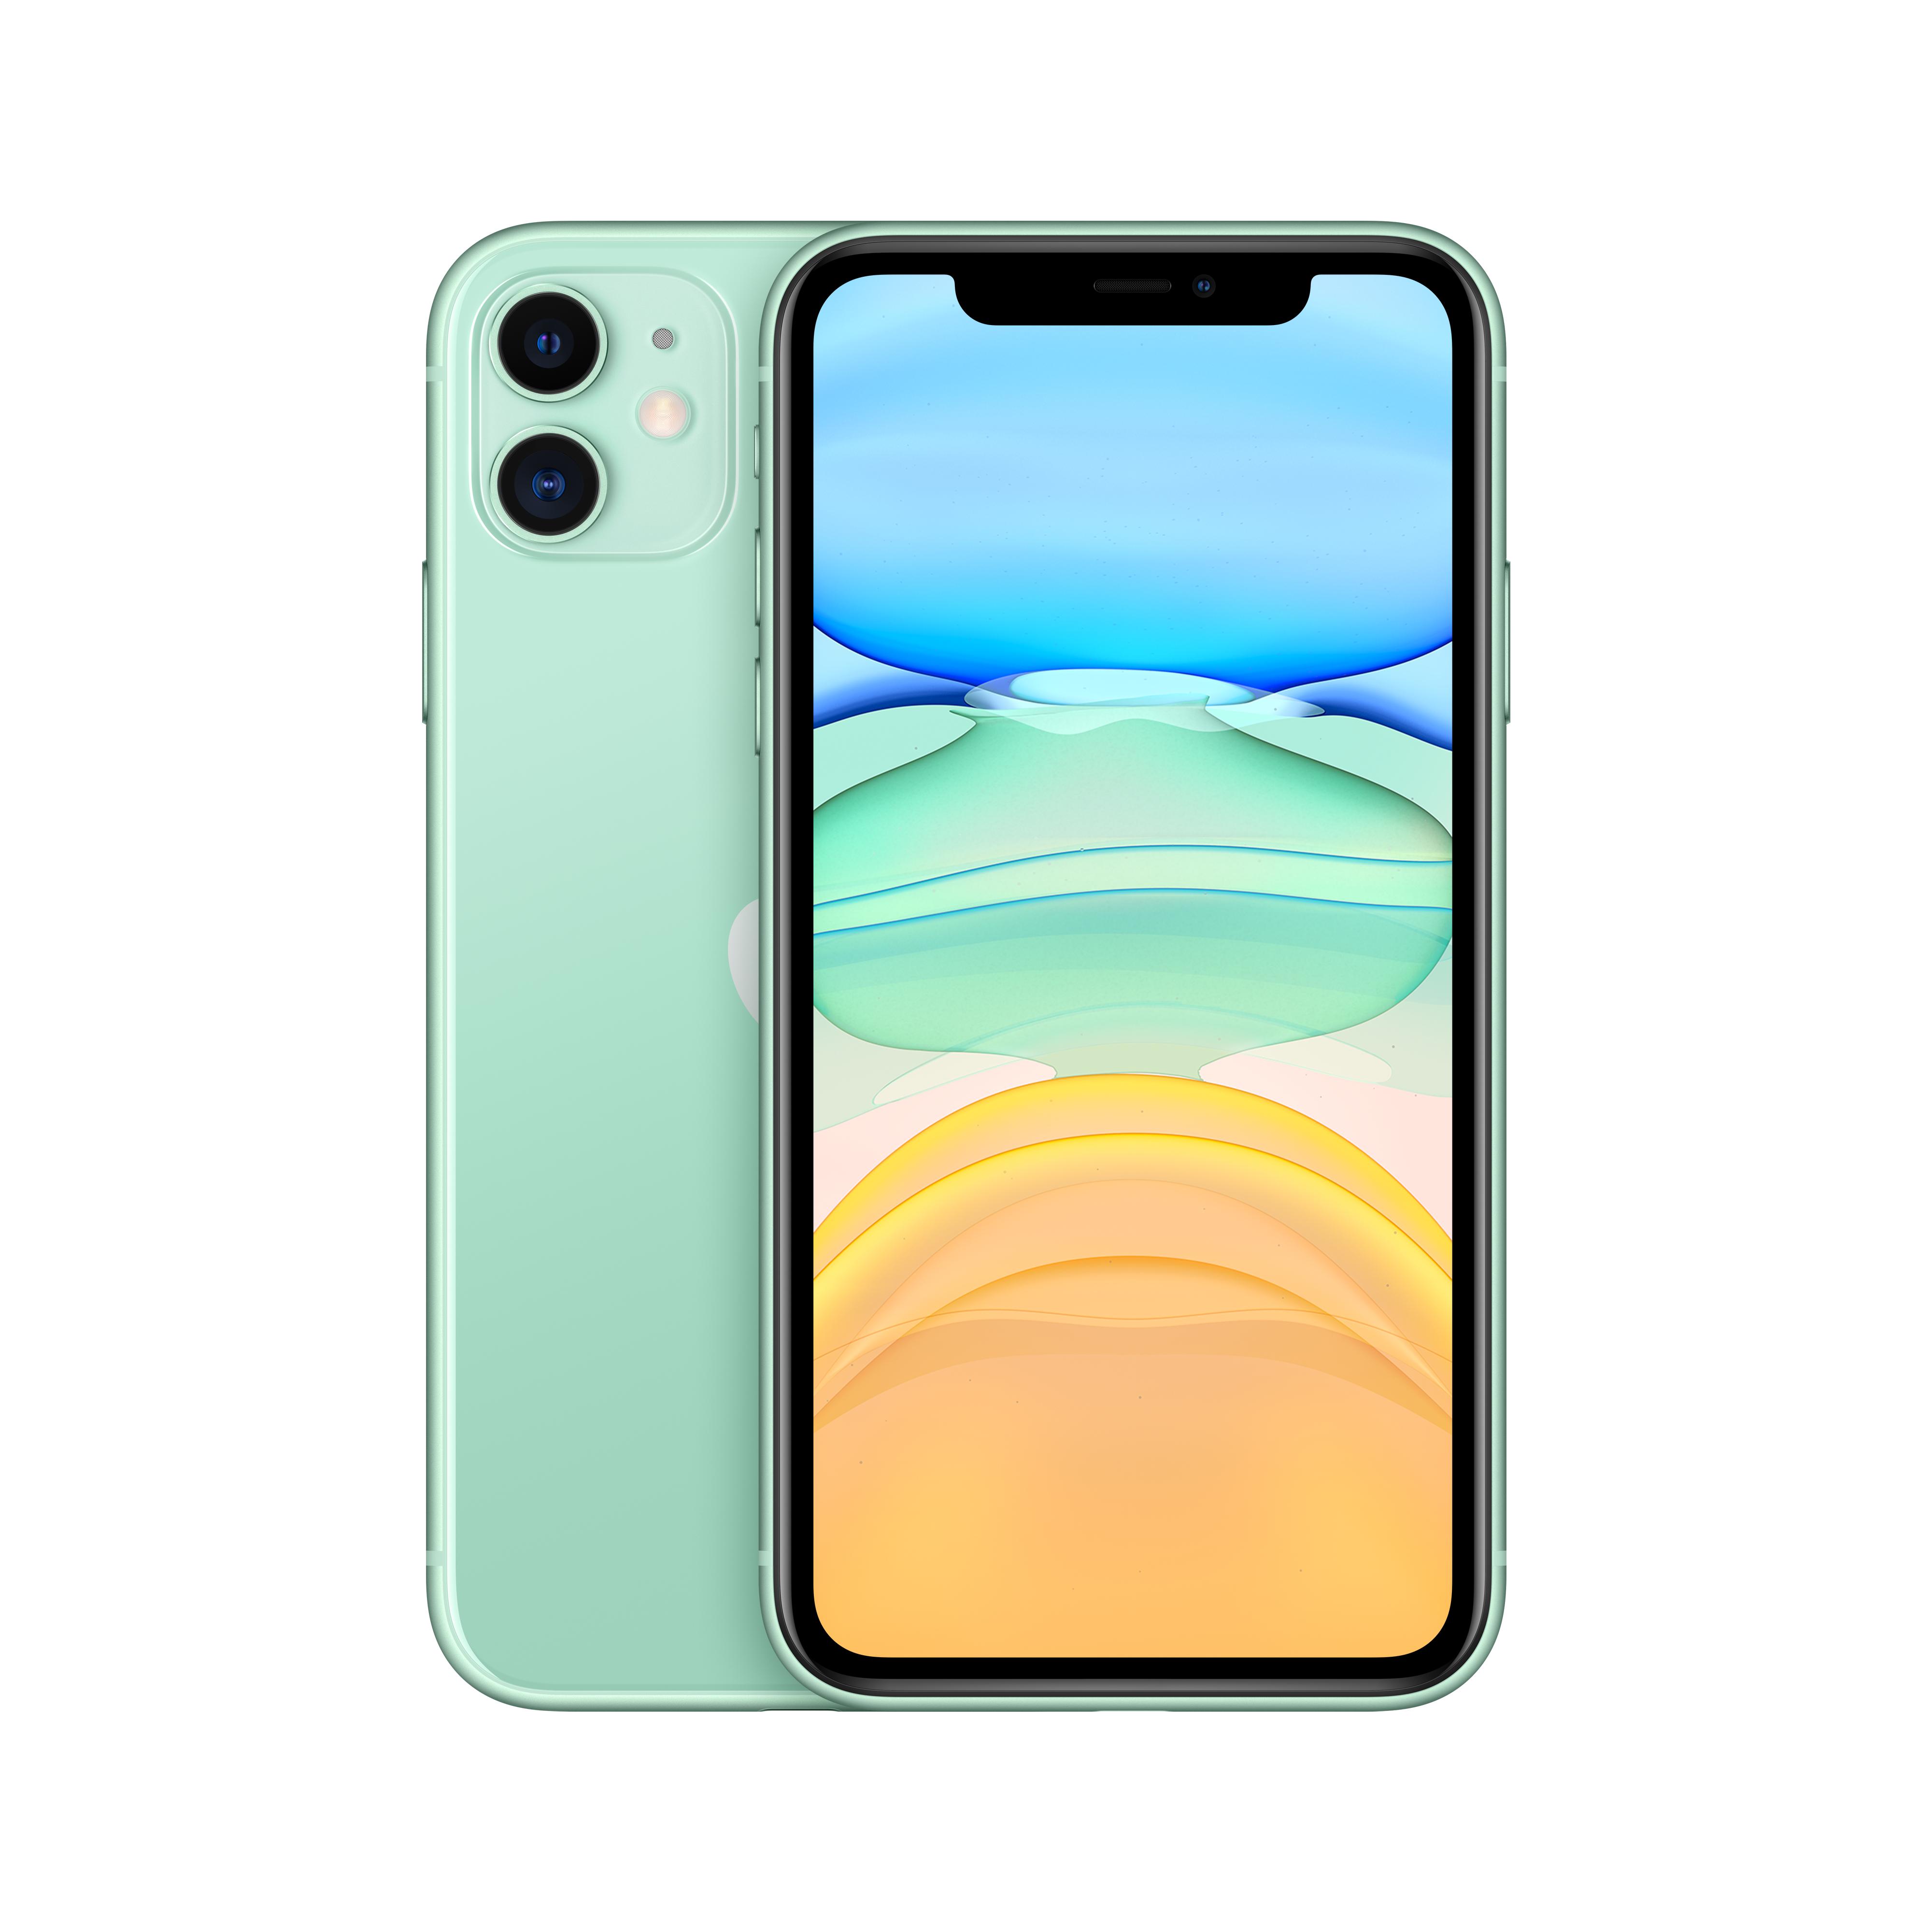 Apple 아이폰 11 6.1 디스플레이, Green, 64GB